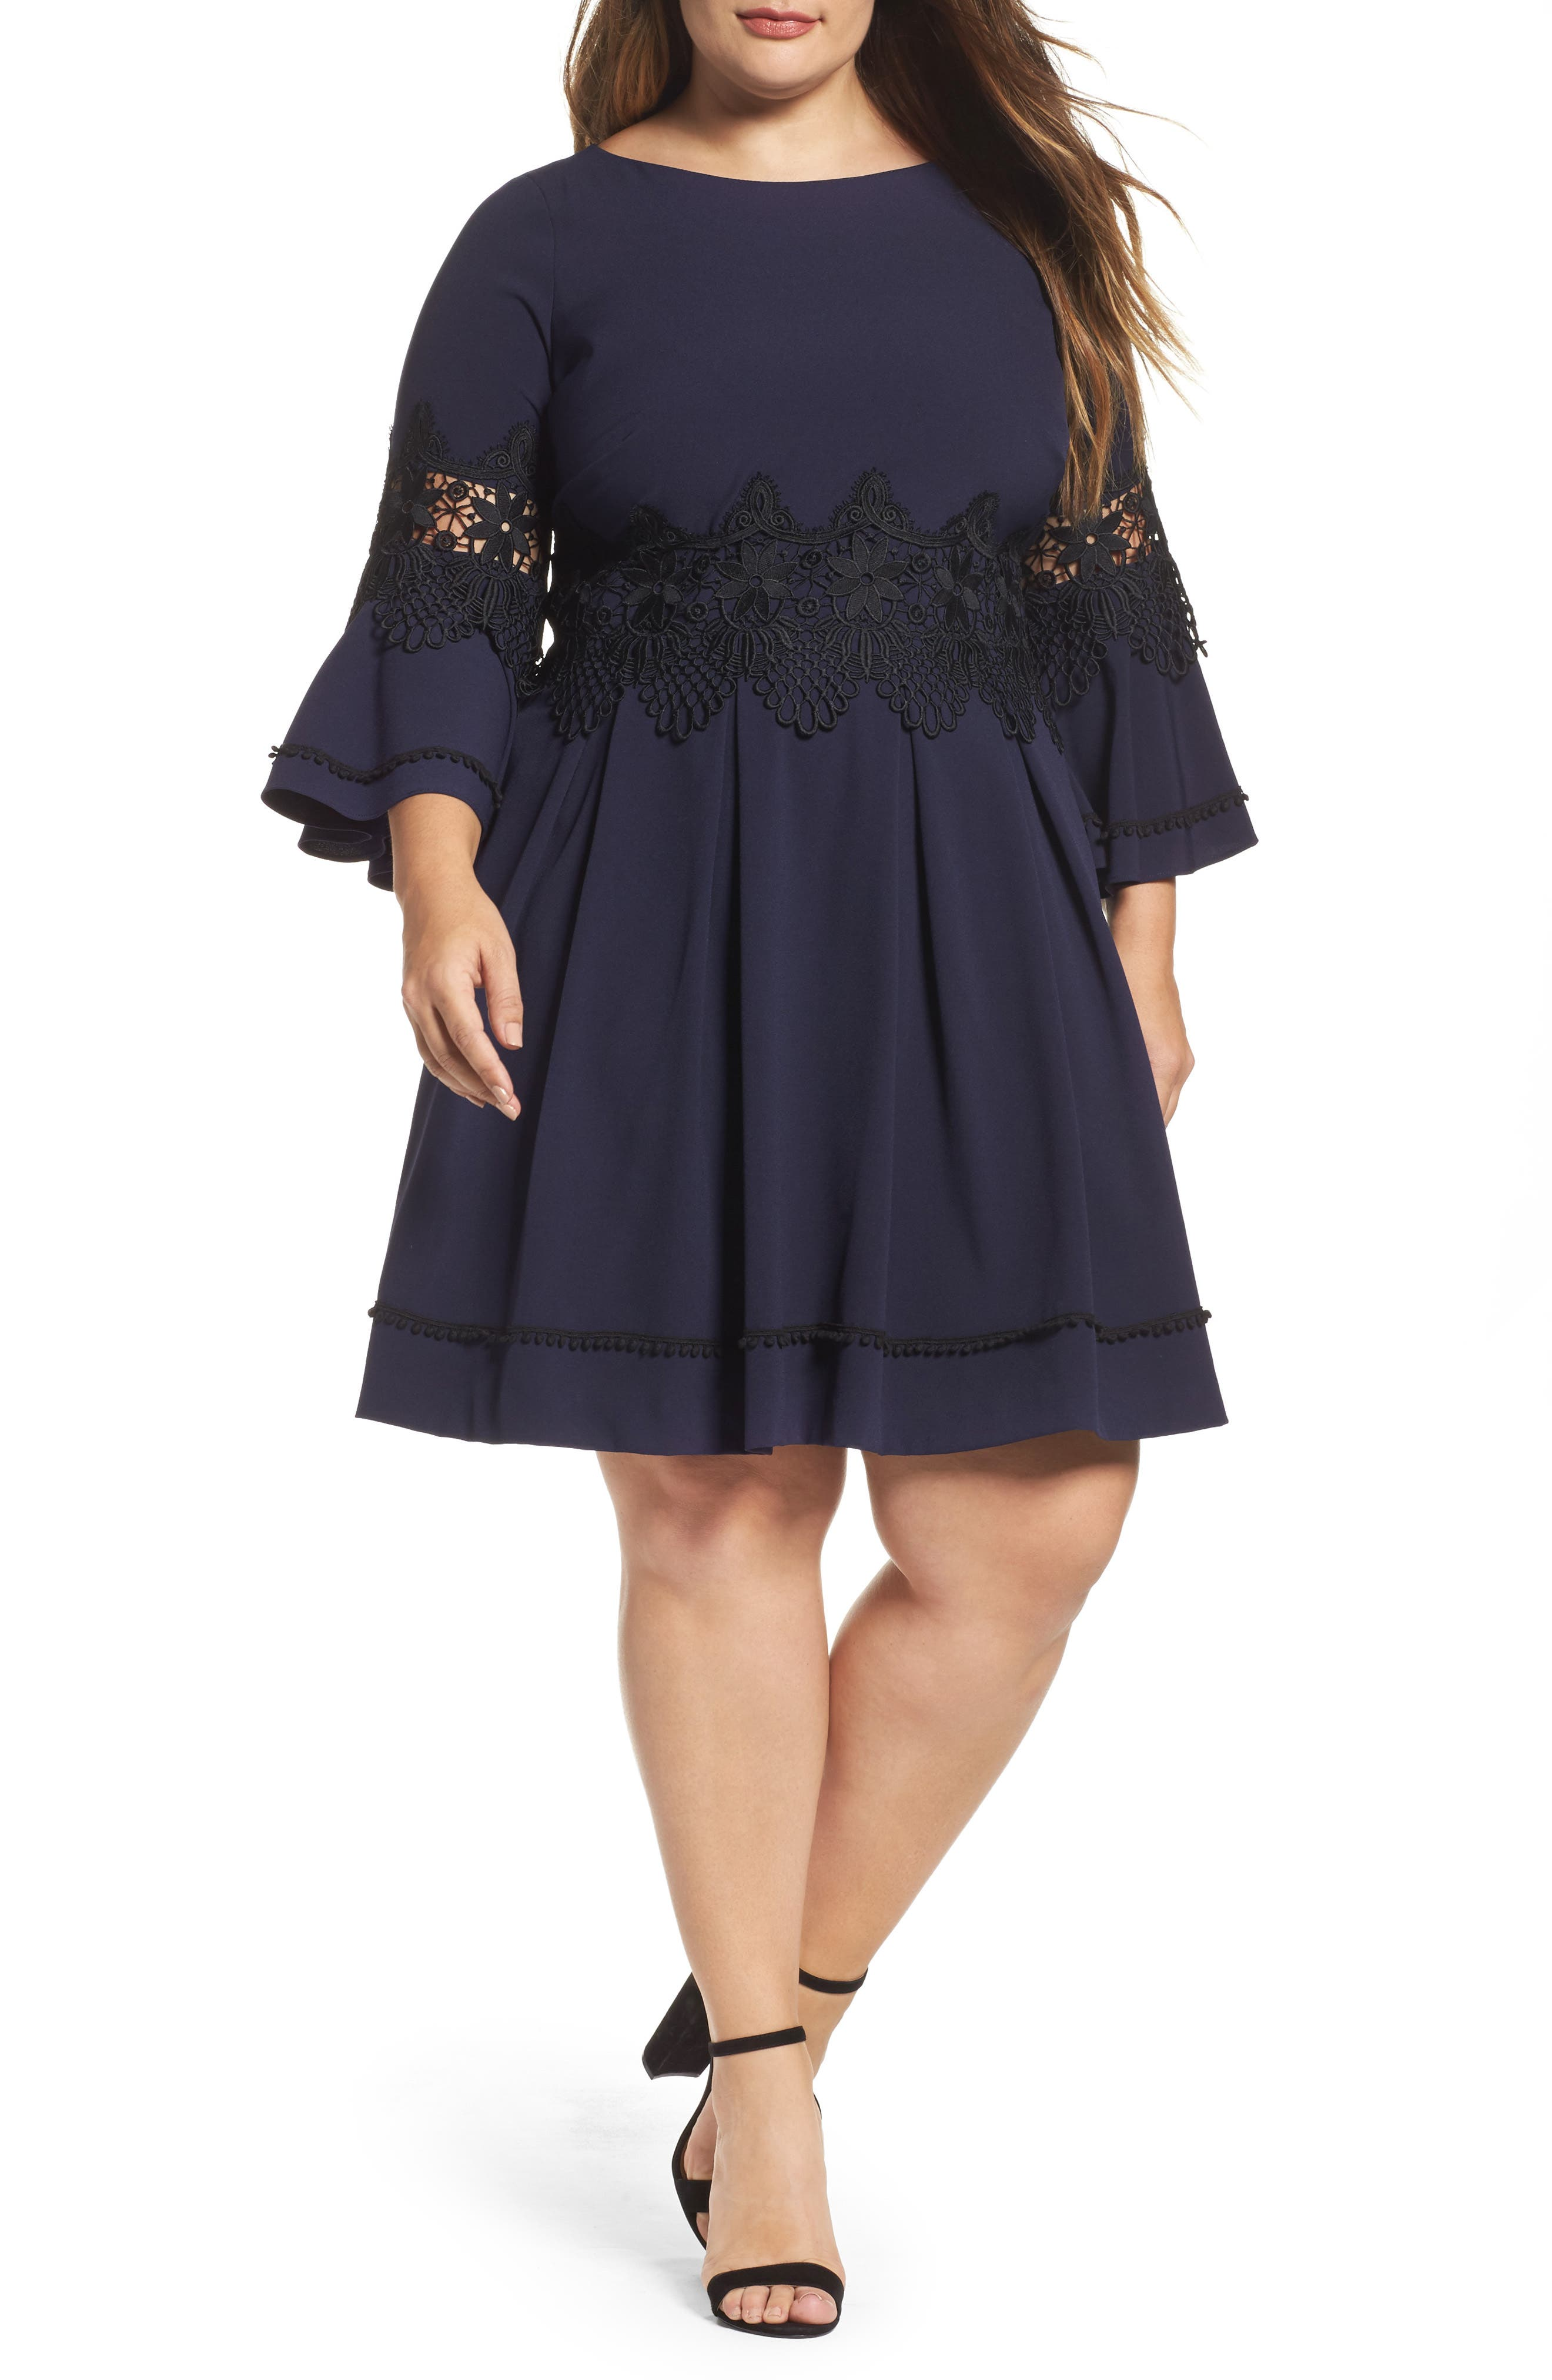 Main Image - Eliza J Lace Appliqué A-Line Dress (Plus Size)